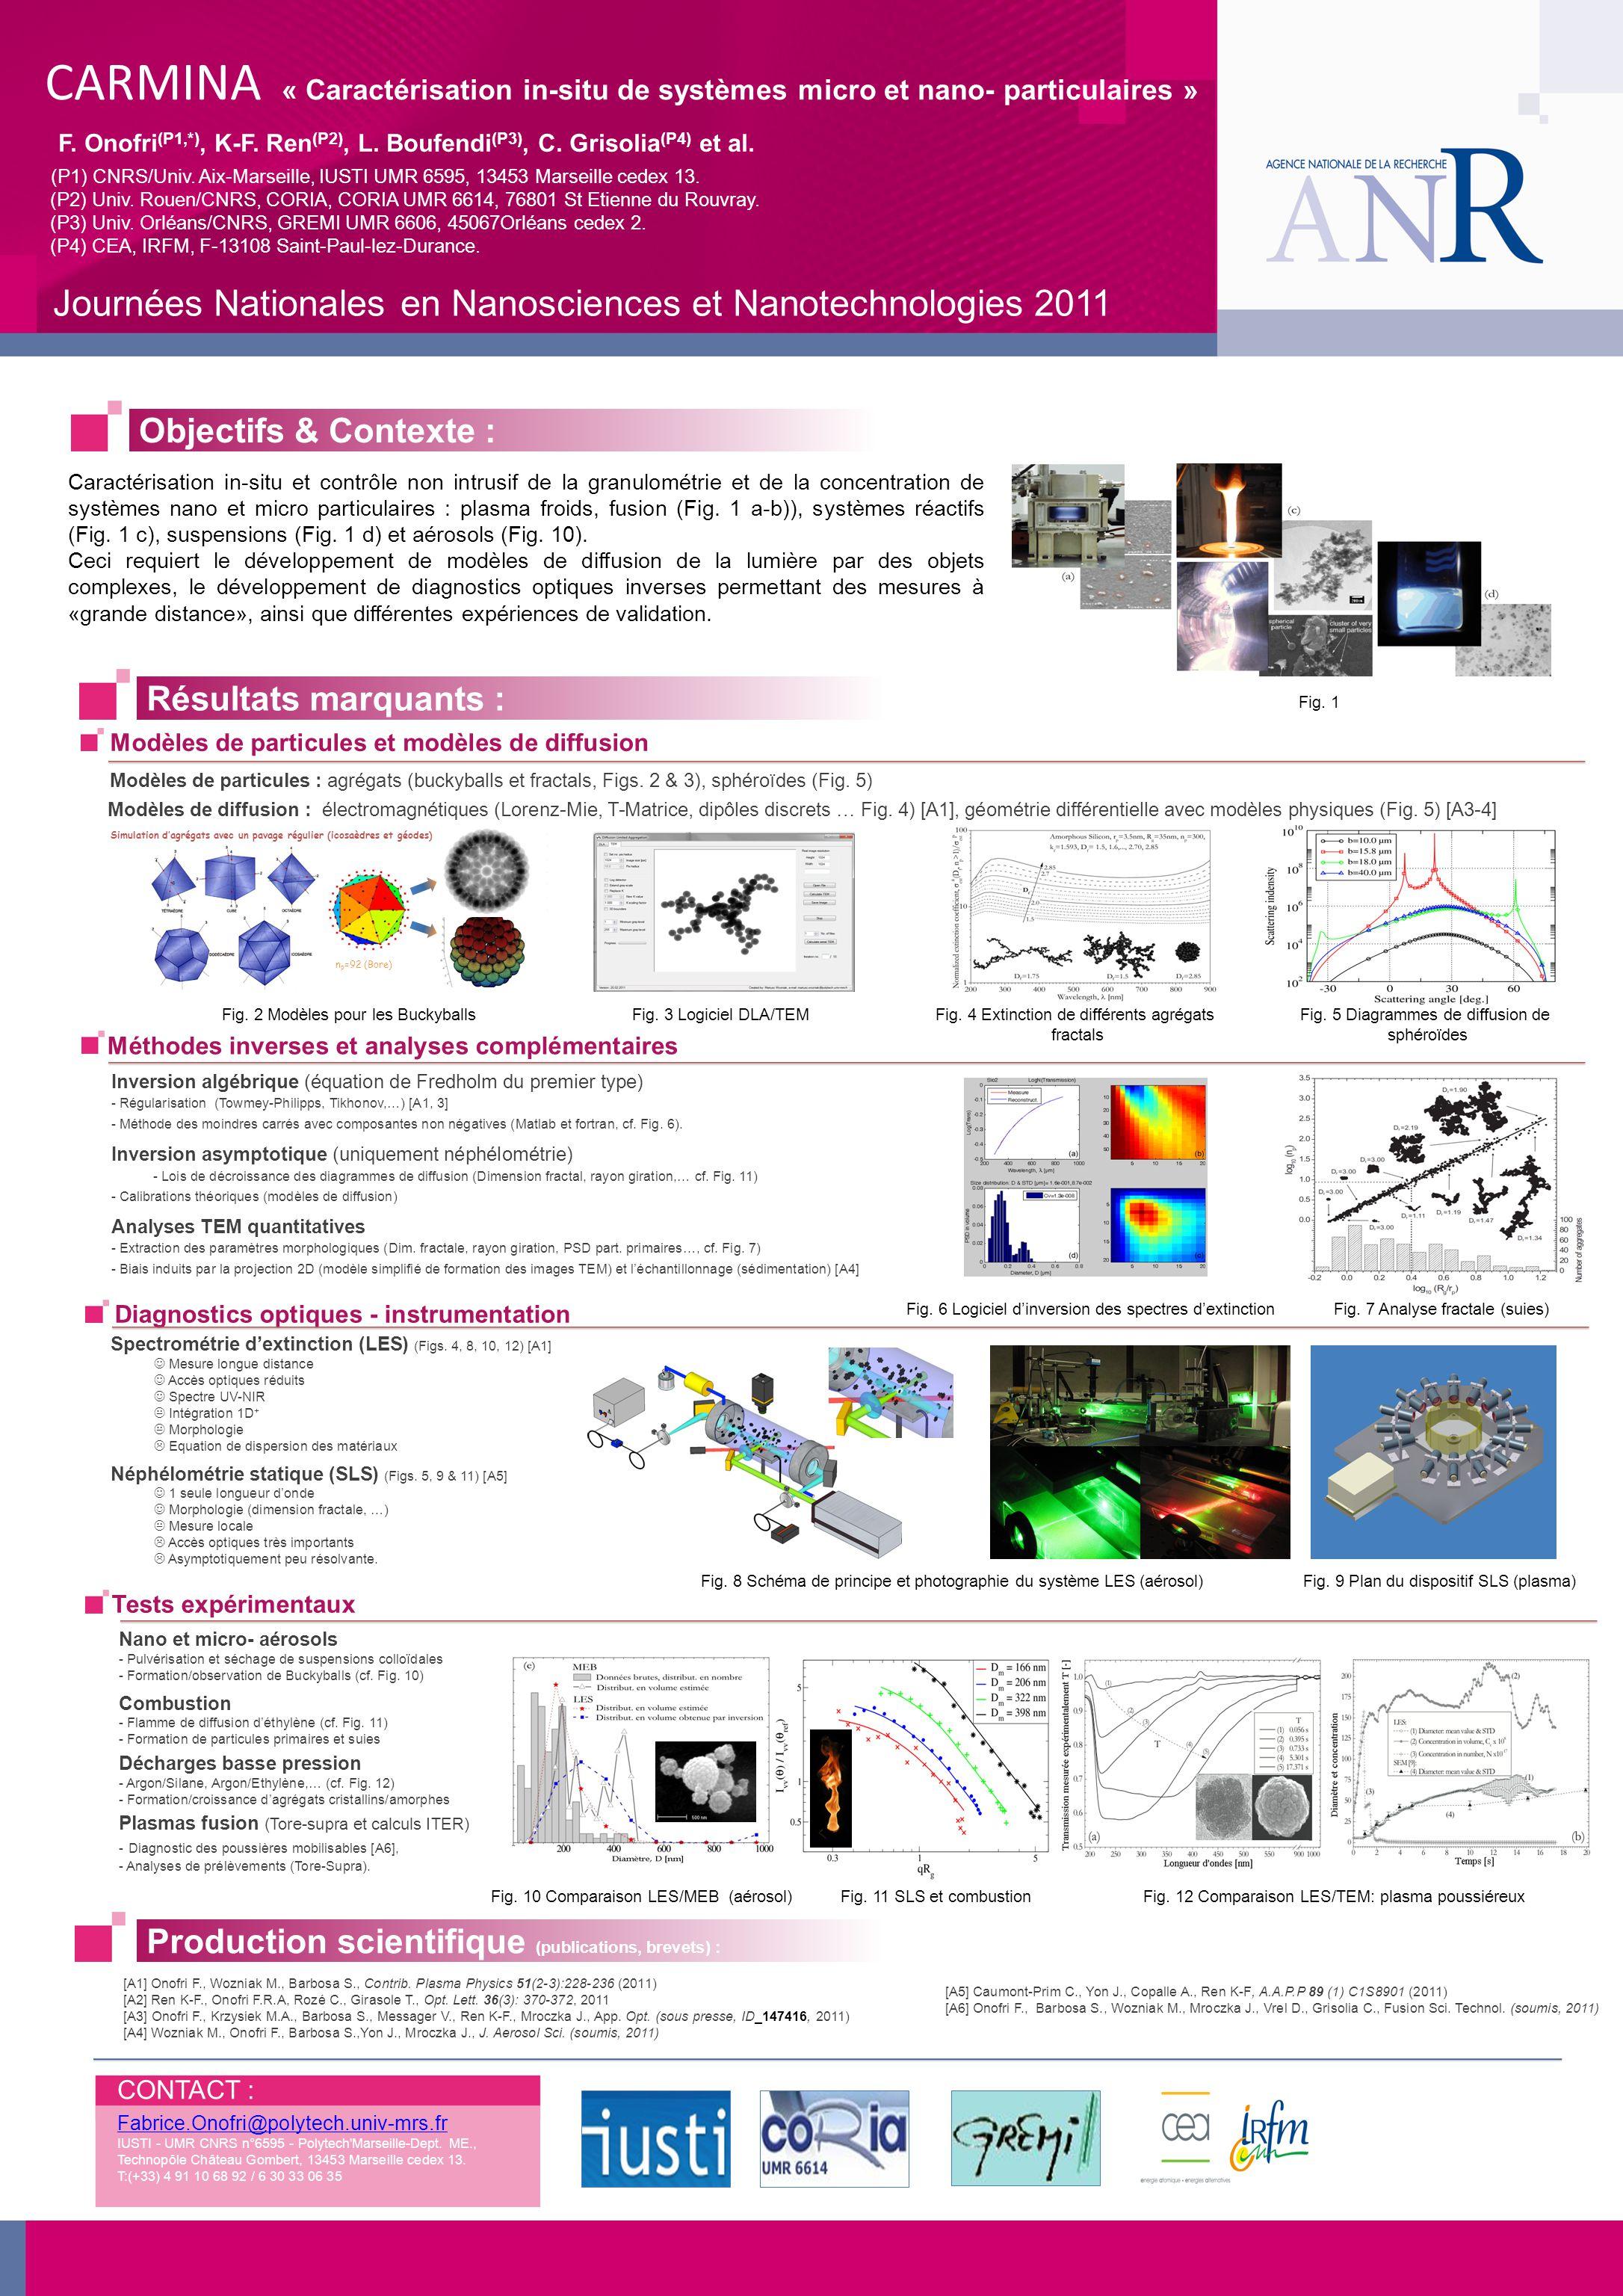 CARMINA « Caractérisation in-situ de systèmes micro et nano- particulaires » CONTACT : Fabrice.Onofri@polytech.univ-mrs.fr IUSTI - UMR CNRS n°6595 - P